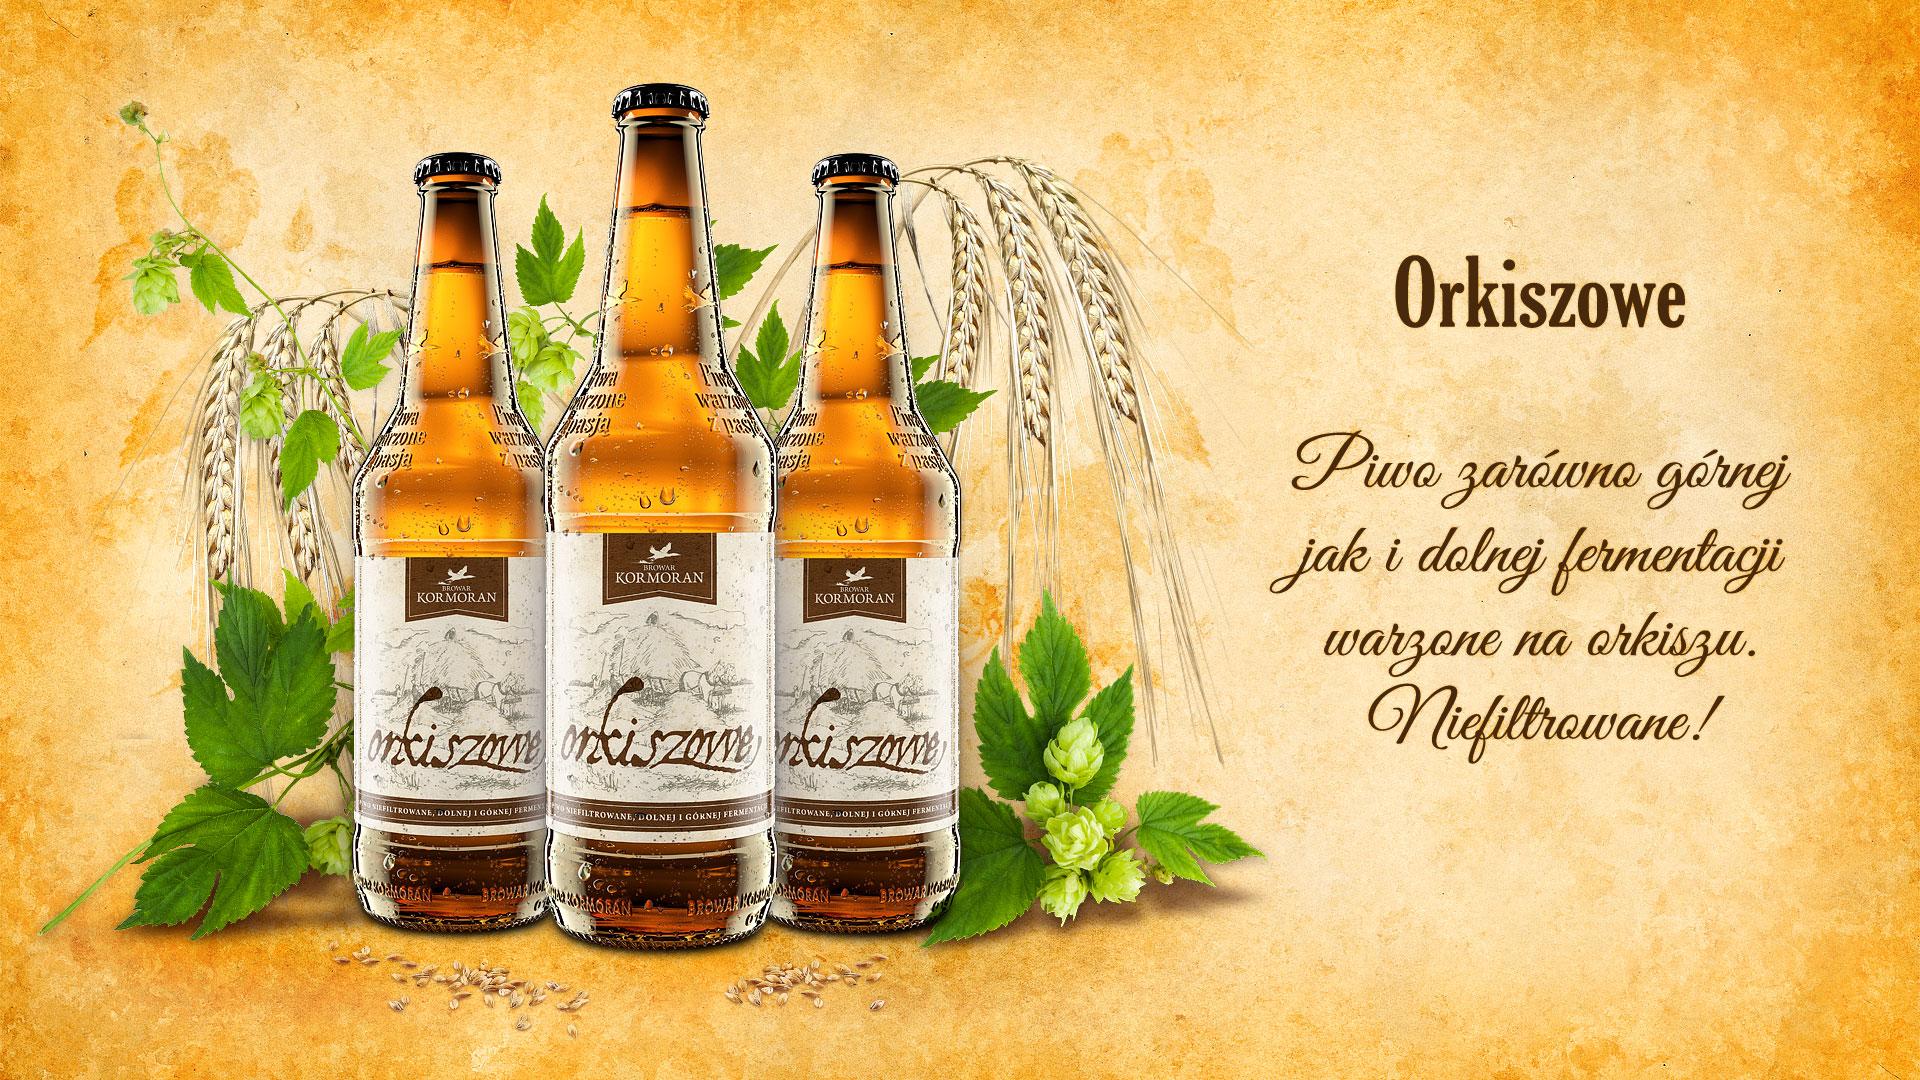 Piwo Orkiszowe - Browar Kormoran